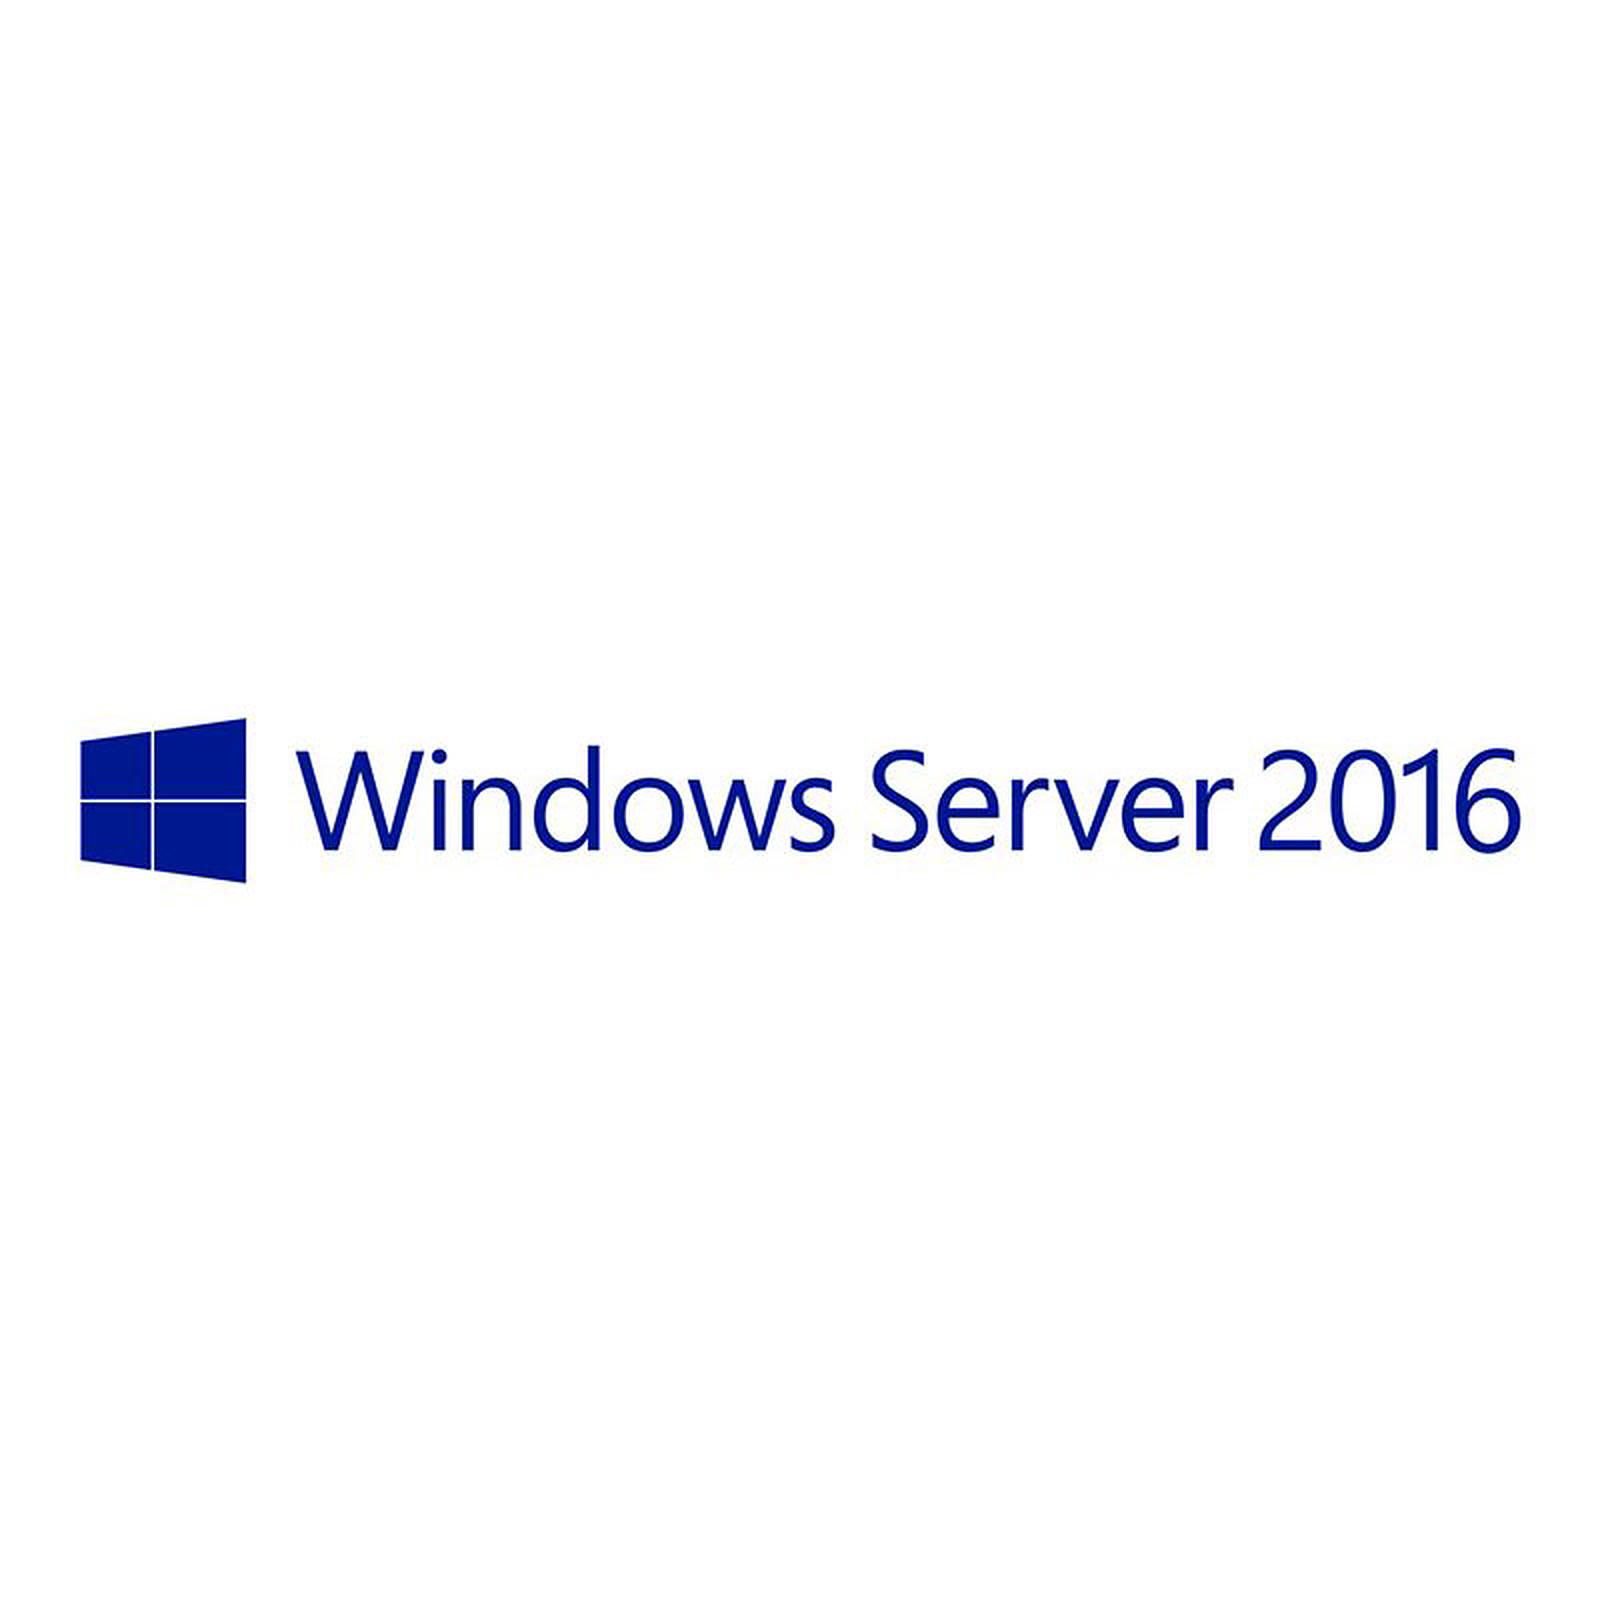 Microsoft CAL User - Licence d'accès utilisateur pour Windows Server 2016